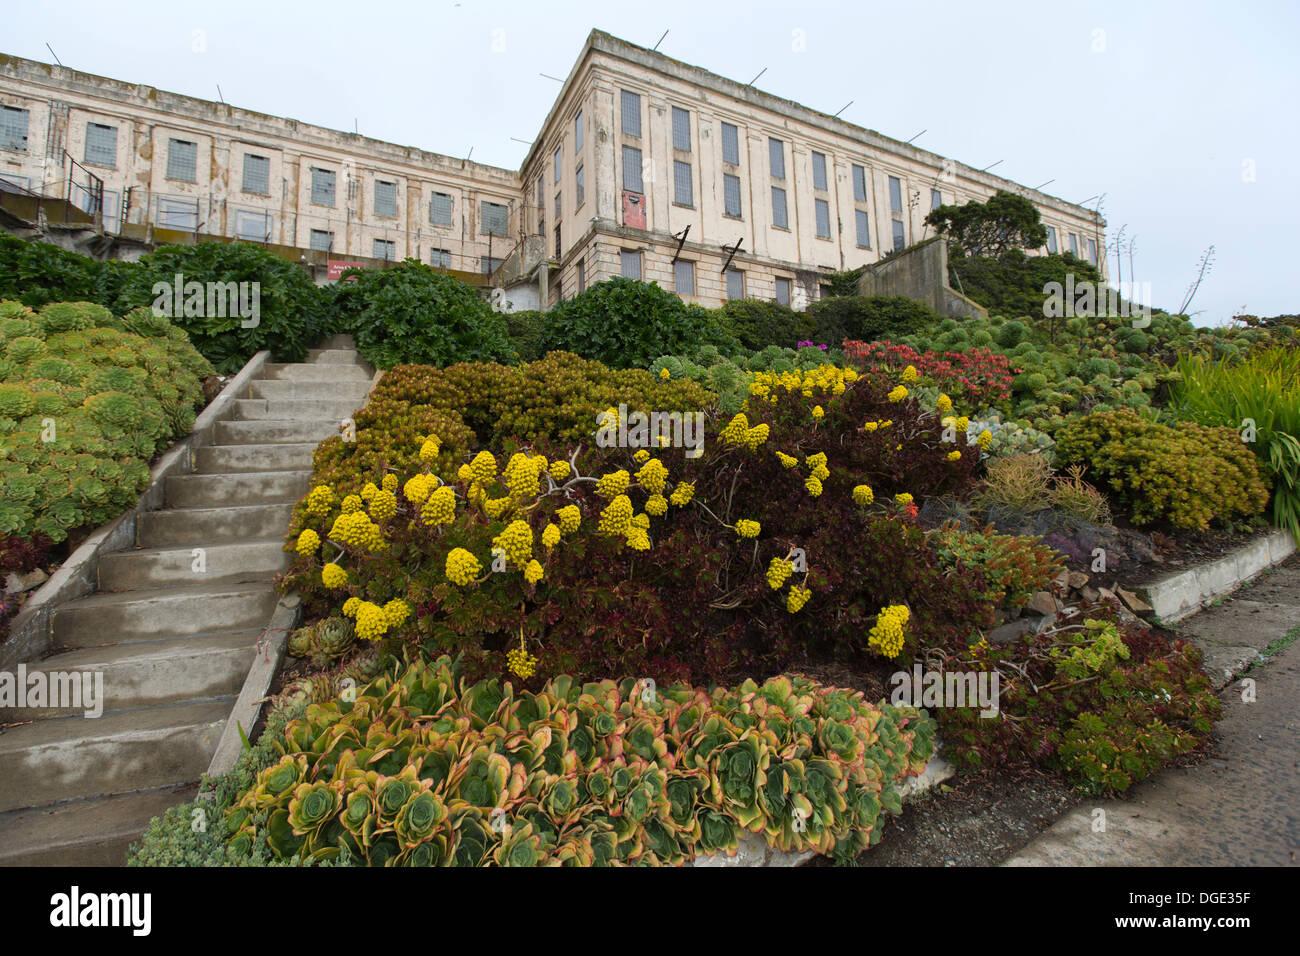 Main Cellhouse, Alcatraz Island, San Francisco Bay, California, USA - Stock Image